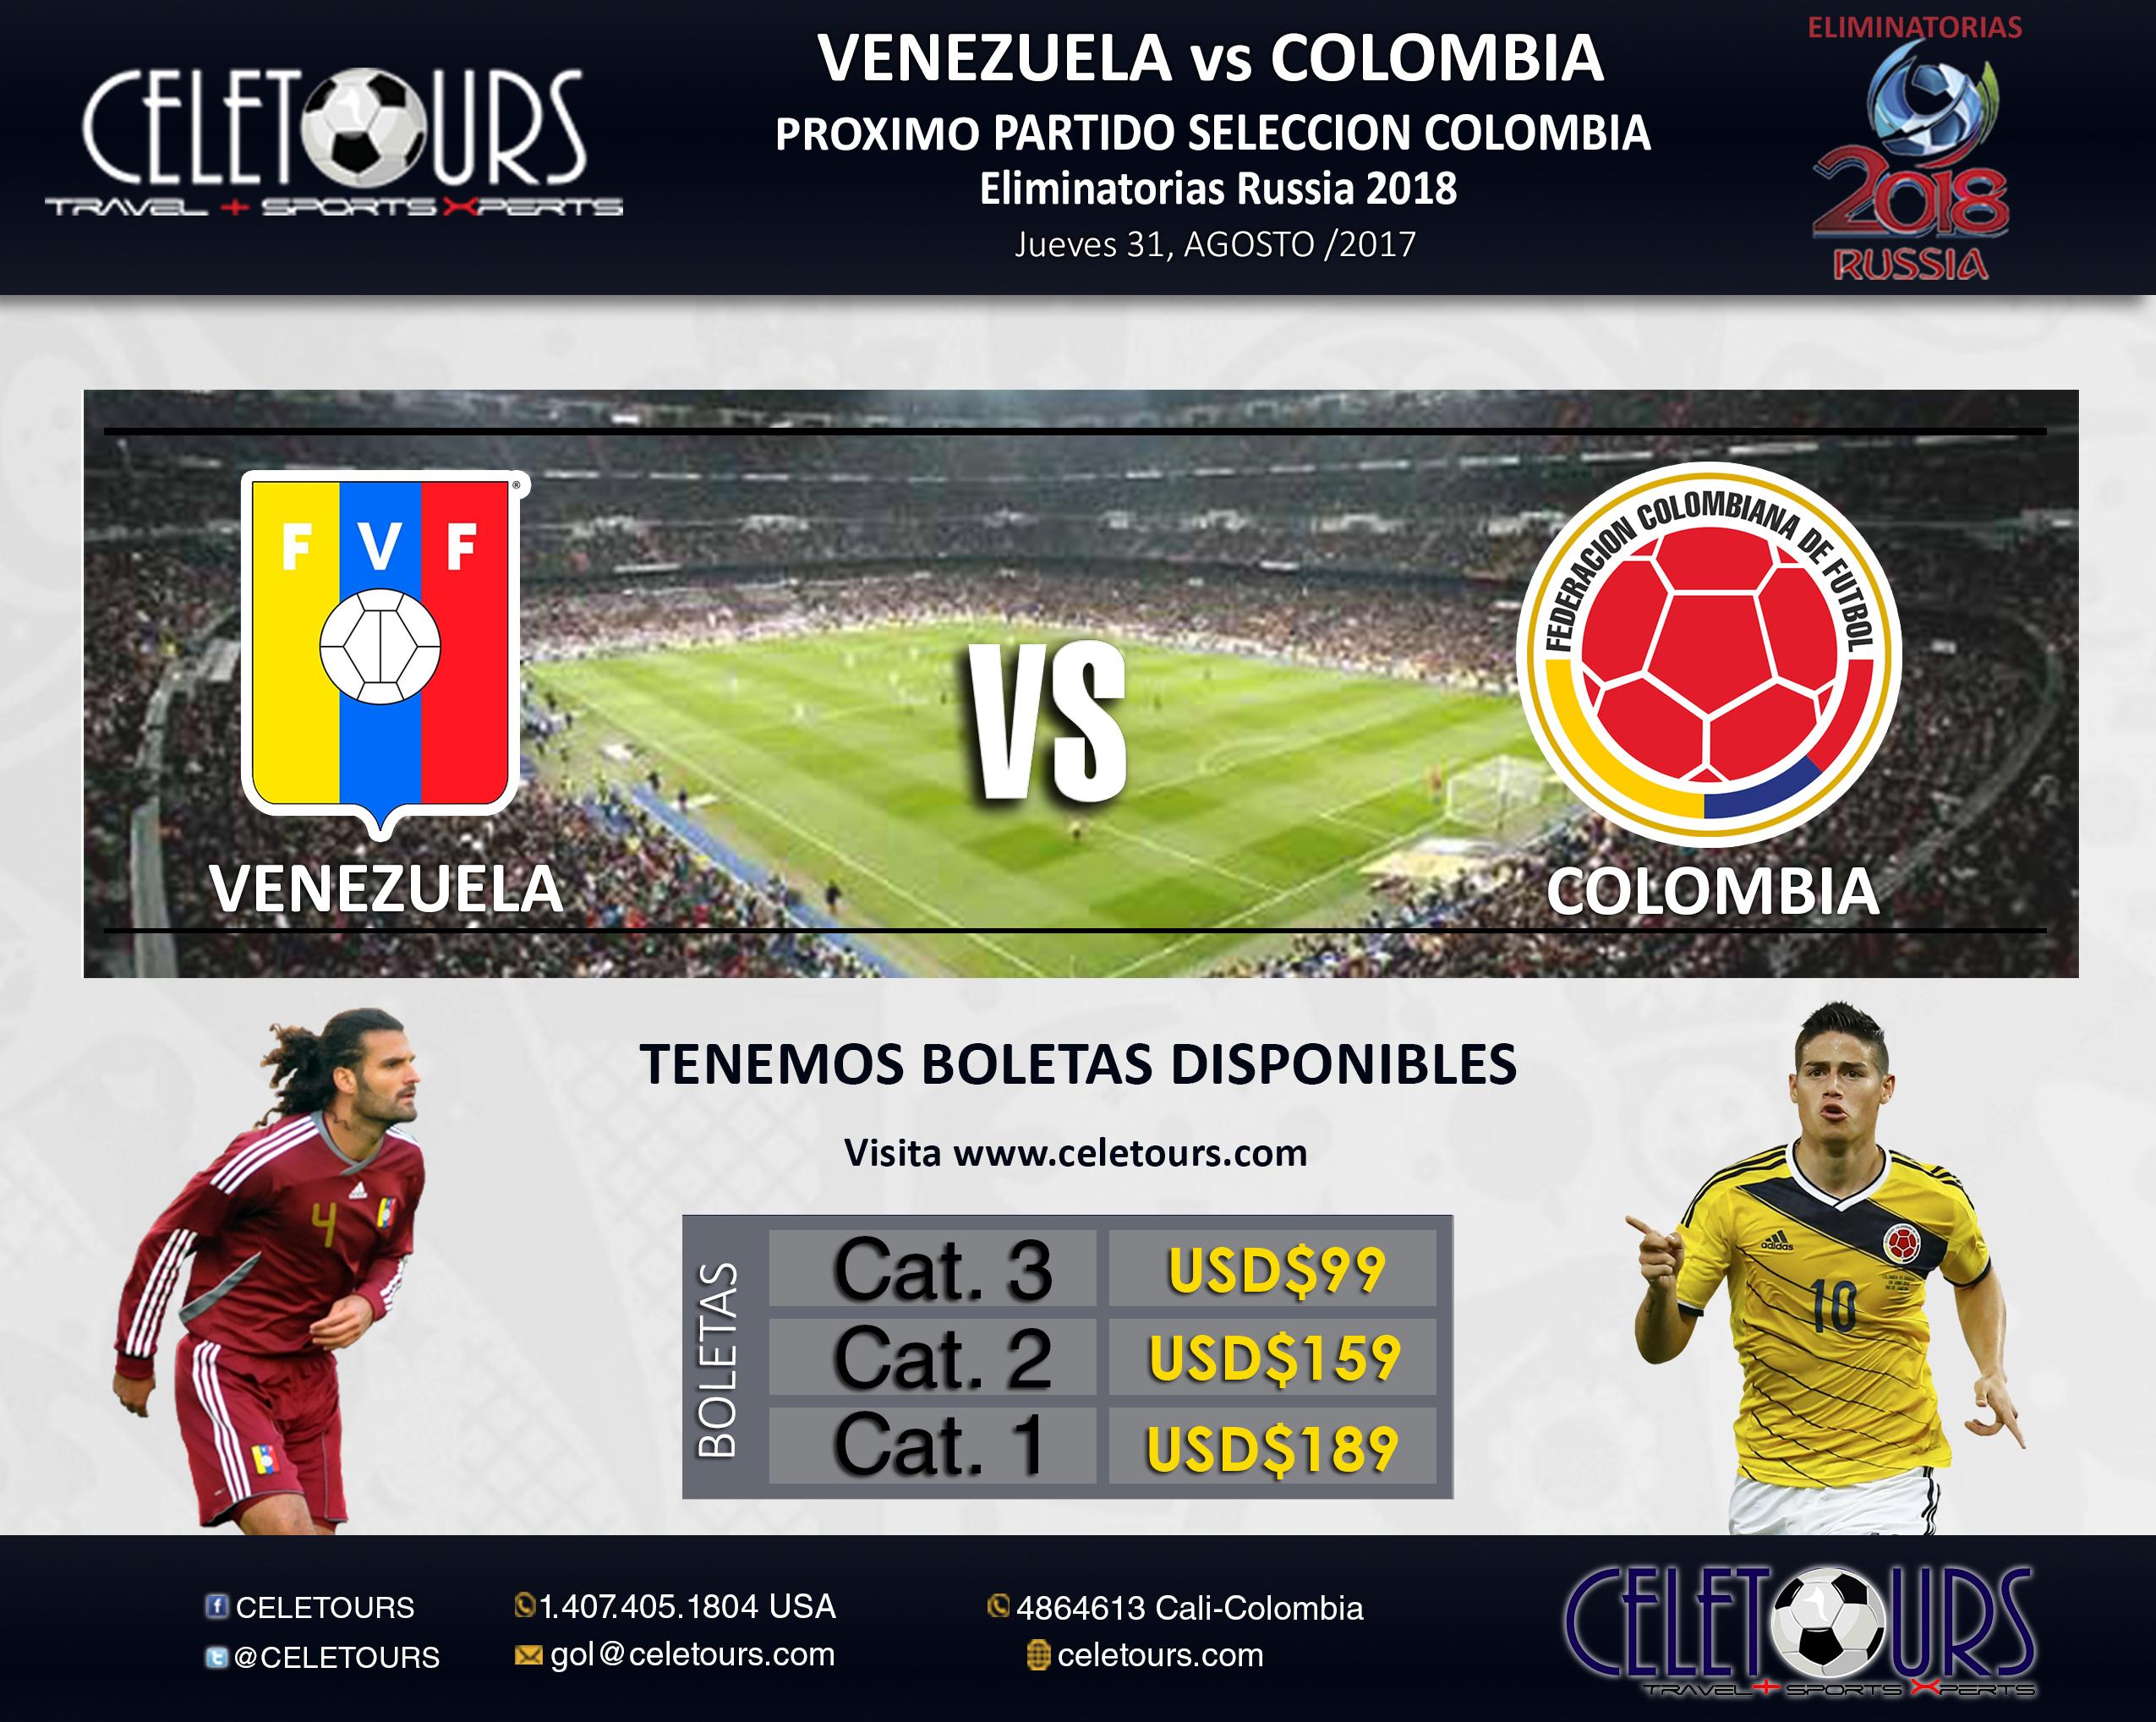 VENEZUELA VS COLOMBIA 31 de agosto 2017